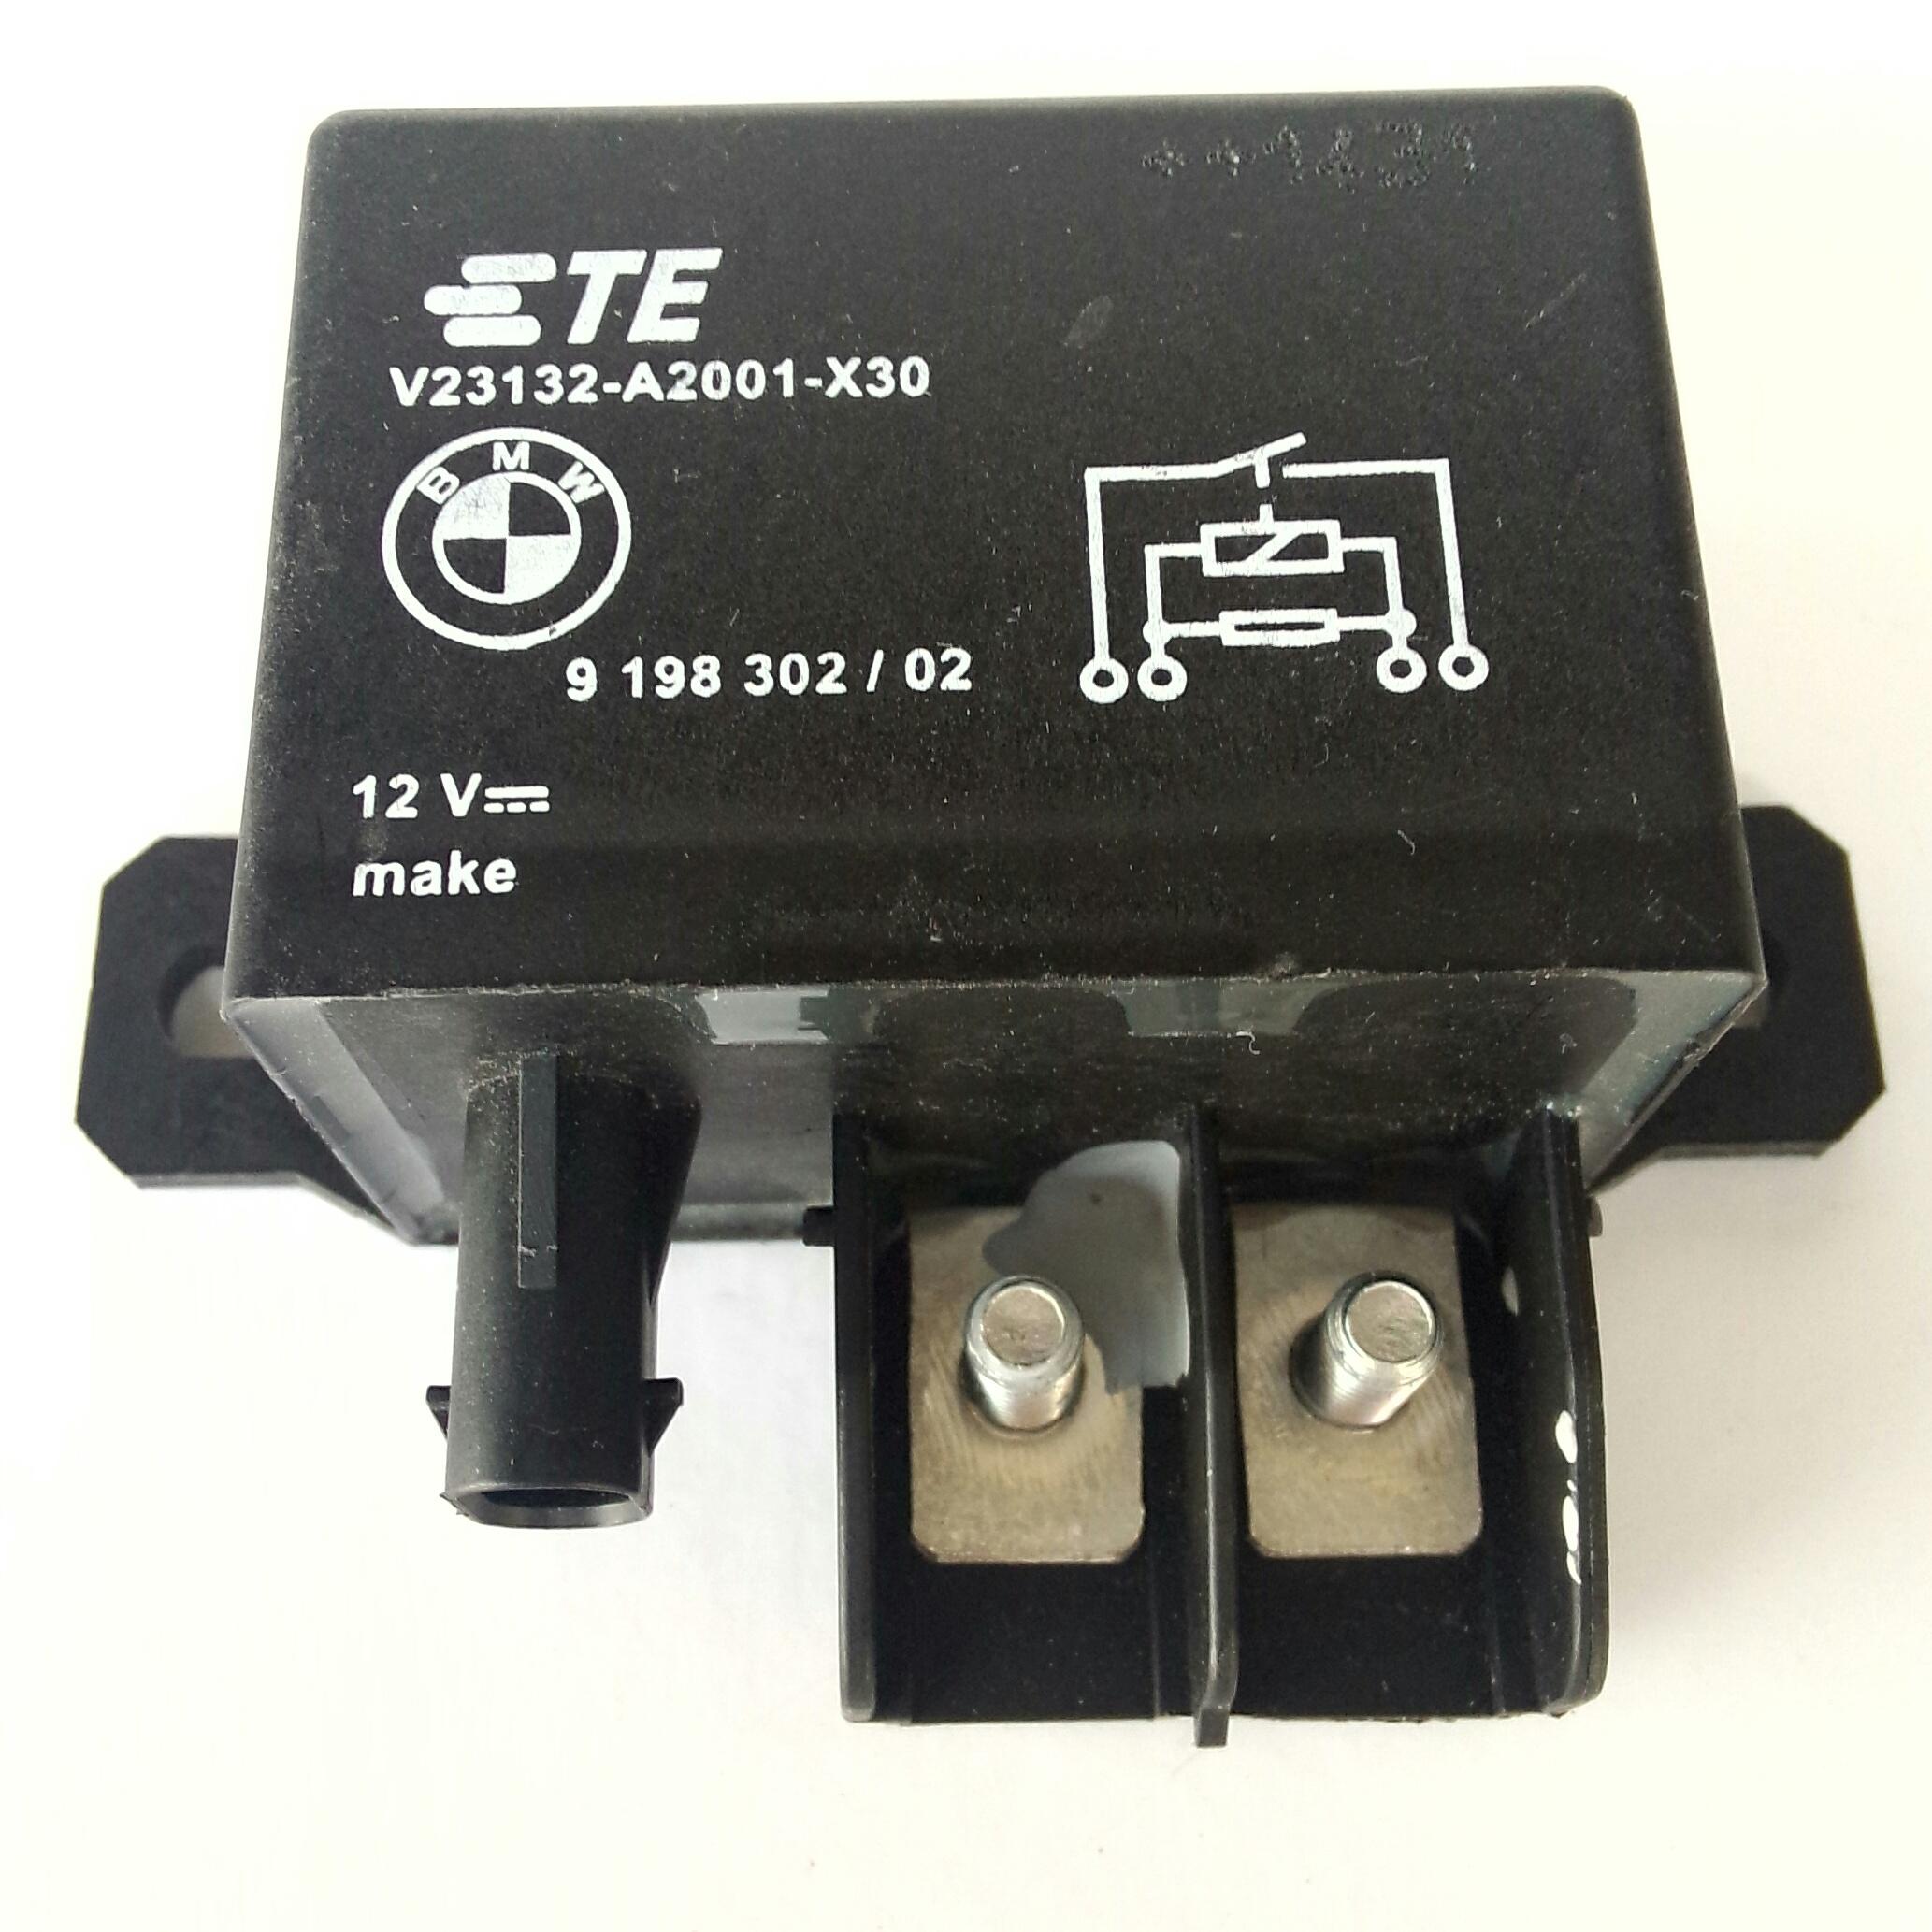 Реле 130A 12v BMW 61 36 9 198 302 V23132-A2001-X30 используется как реле стартера и эл. вентилятора